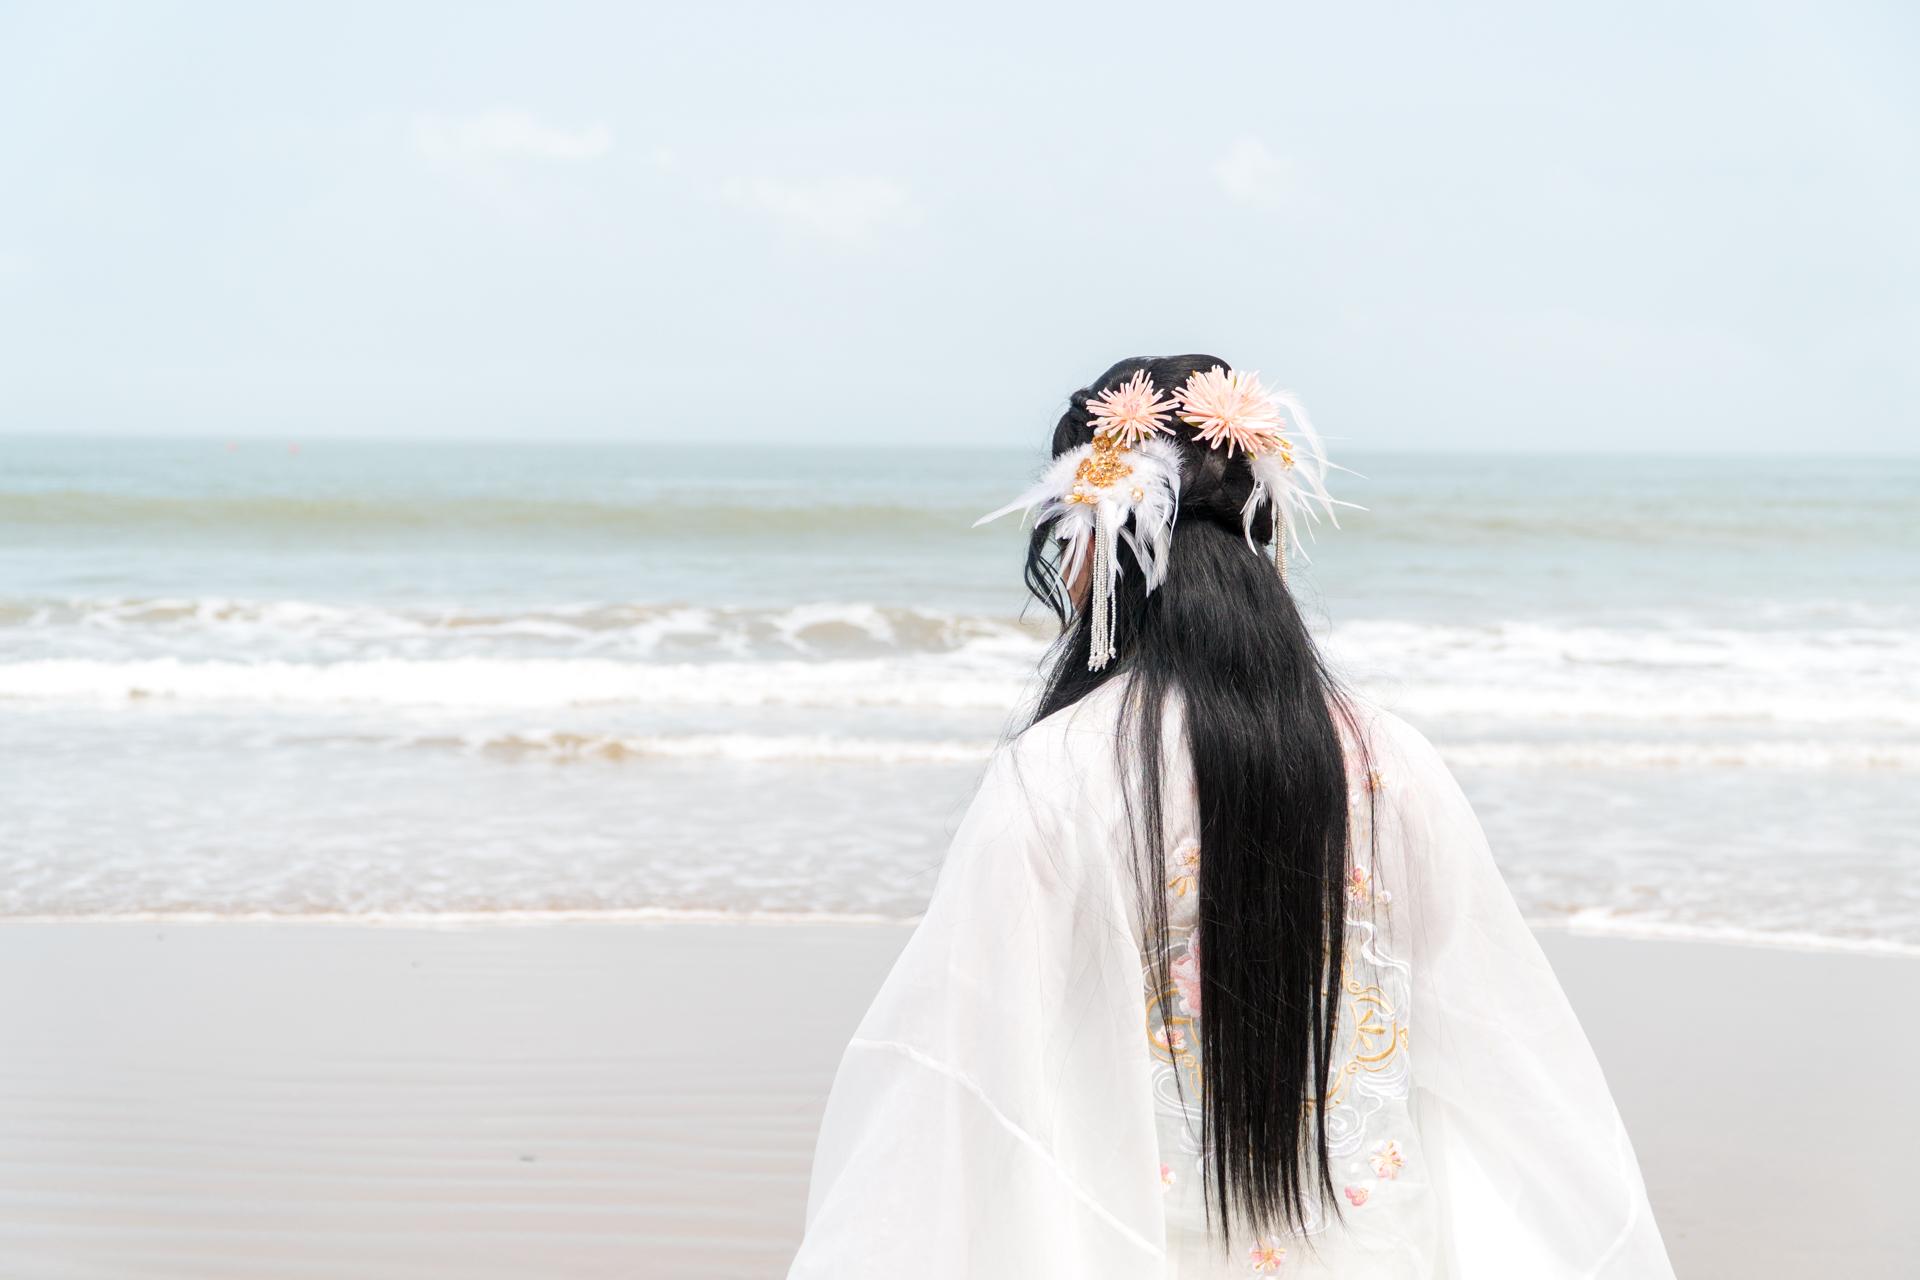 缤纷舟山,穿上汉服去旅行,在海天一色间体验轻纱薄袖的飘逸